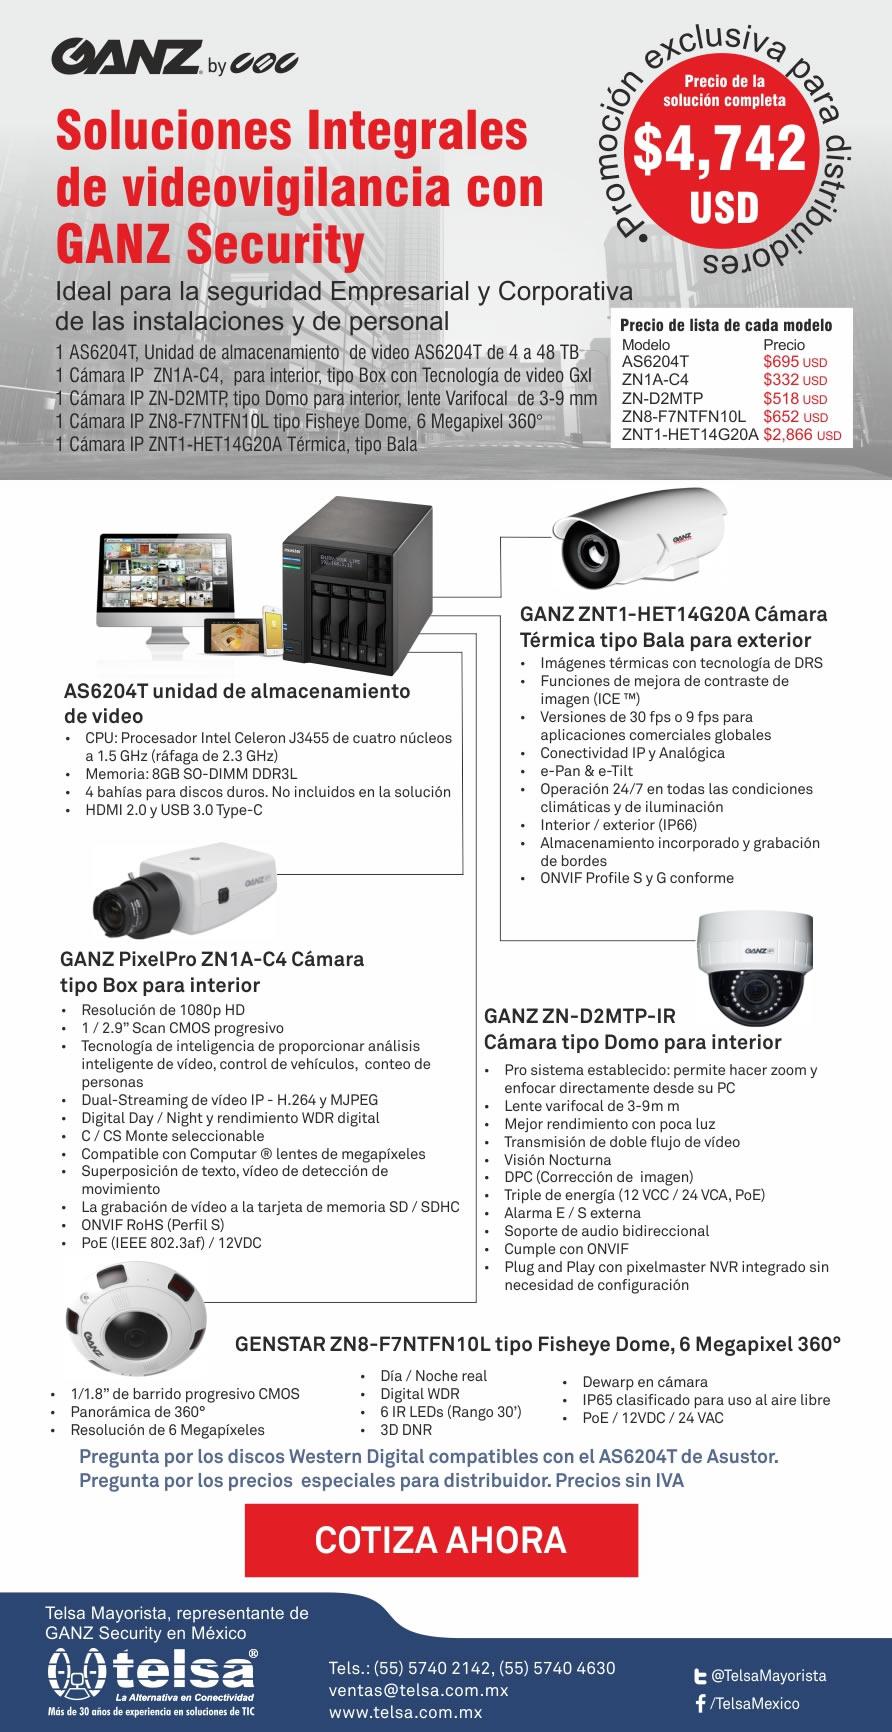 Soluciones integrales de videovigilancia con GANZ Security, ¡Cotiza ahora!